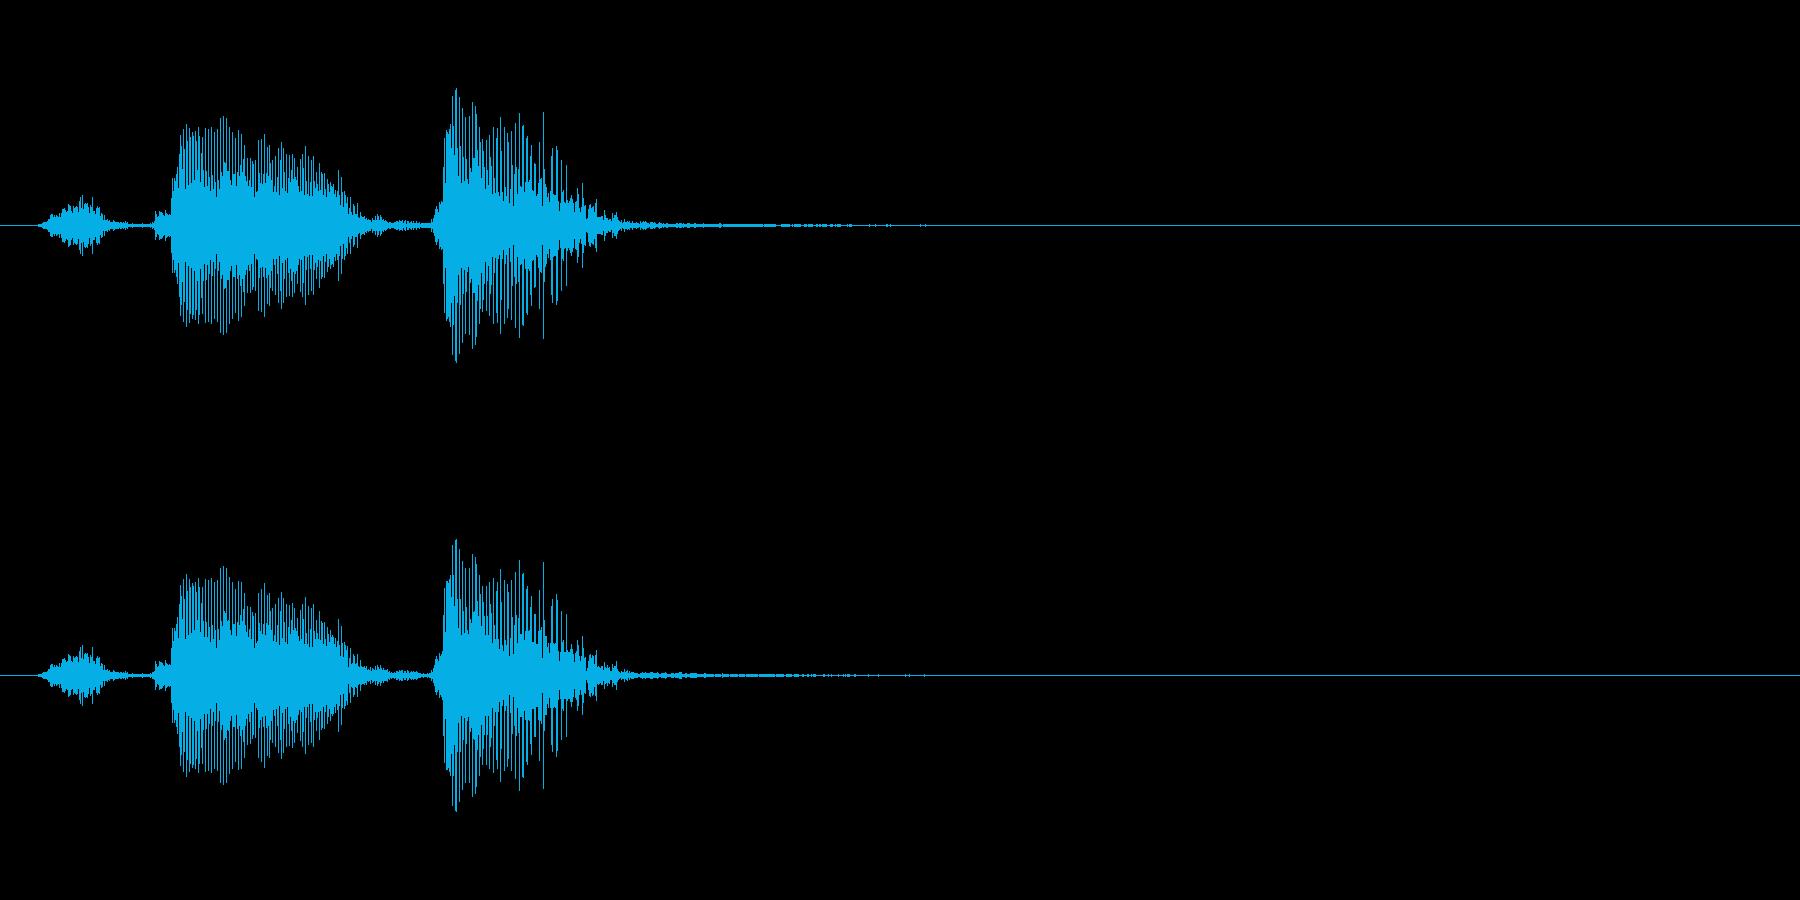 「スタート!」の再生済みの波形